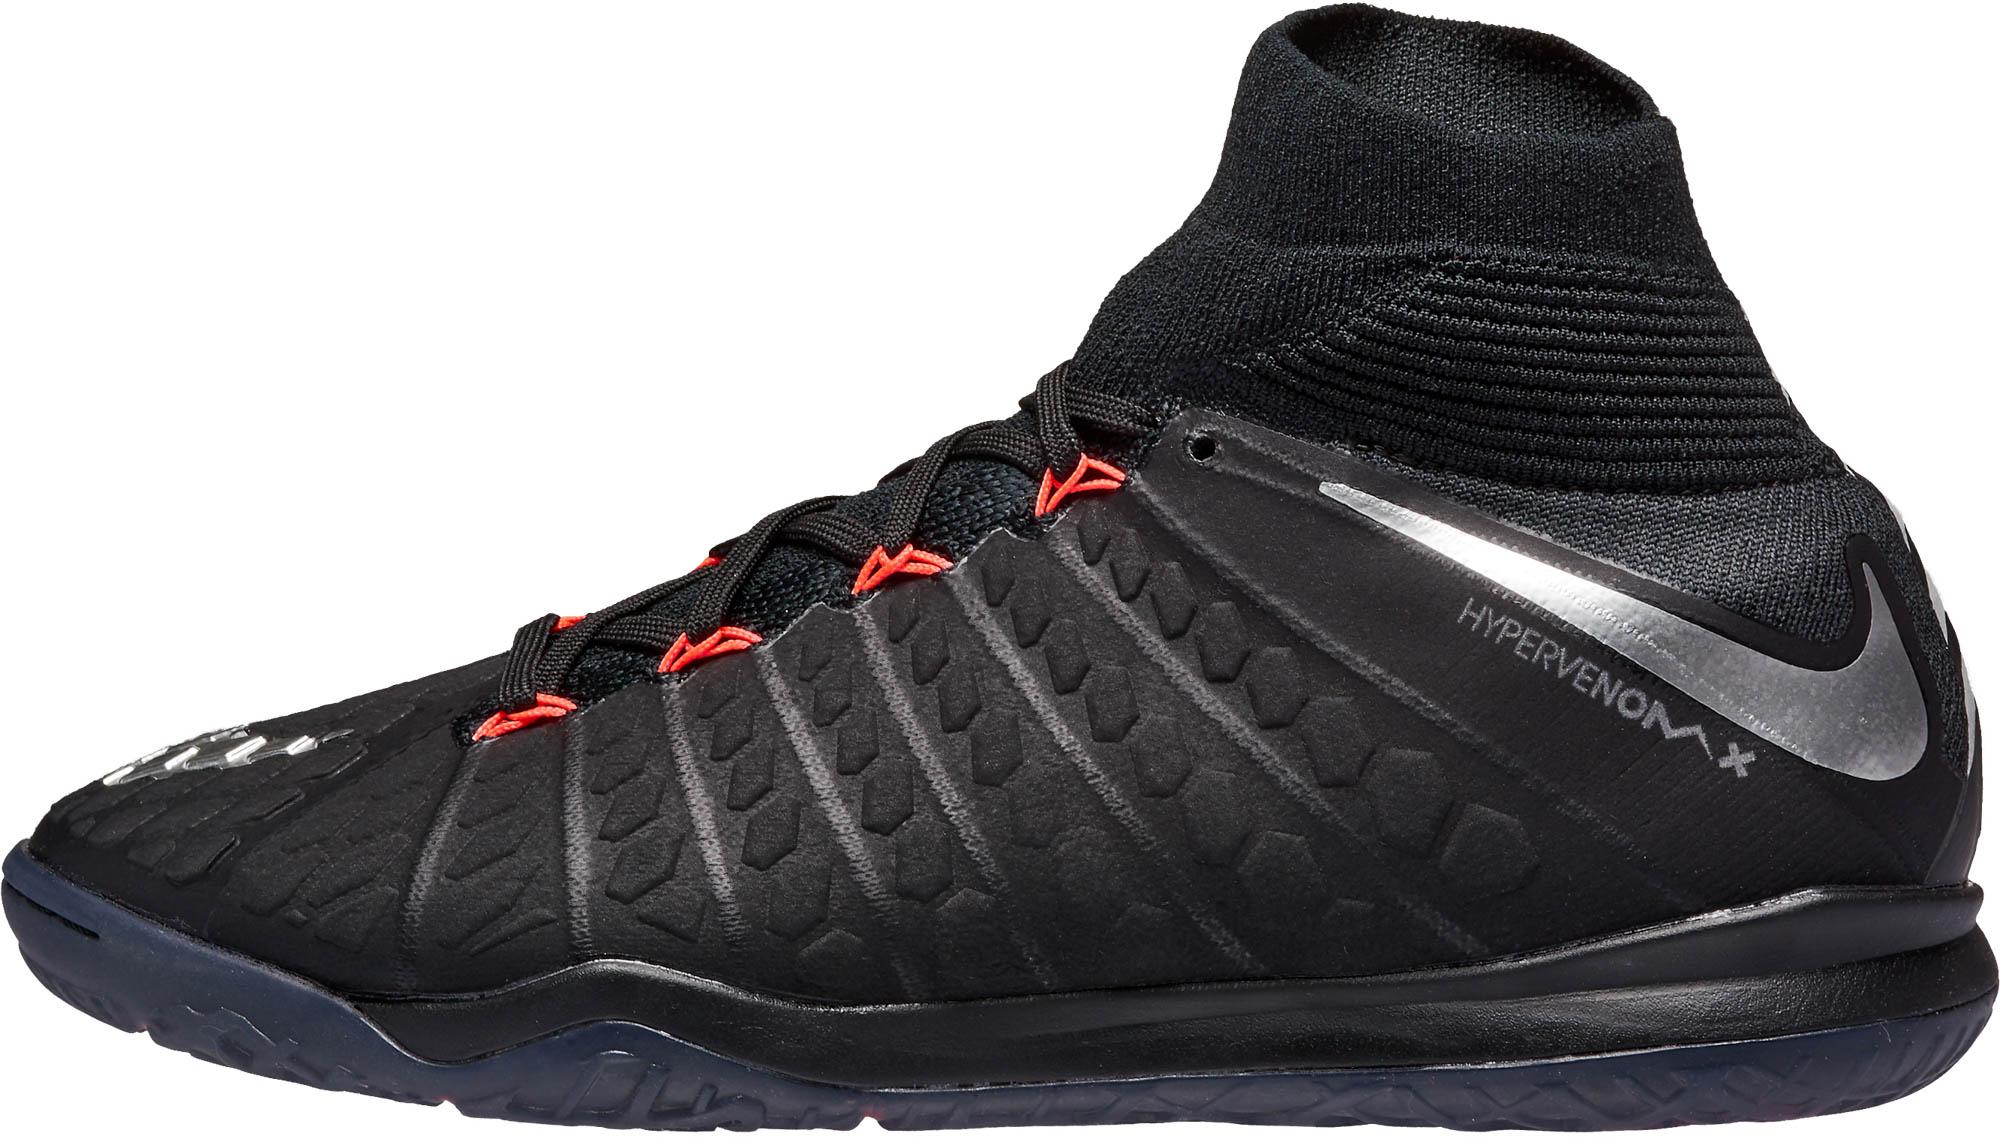 70ee109dd6de02 Nike HypervenomX Proximo II IC - Black Proximo IIs